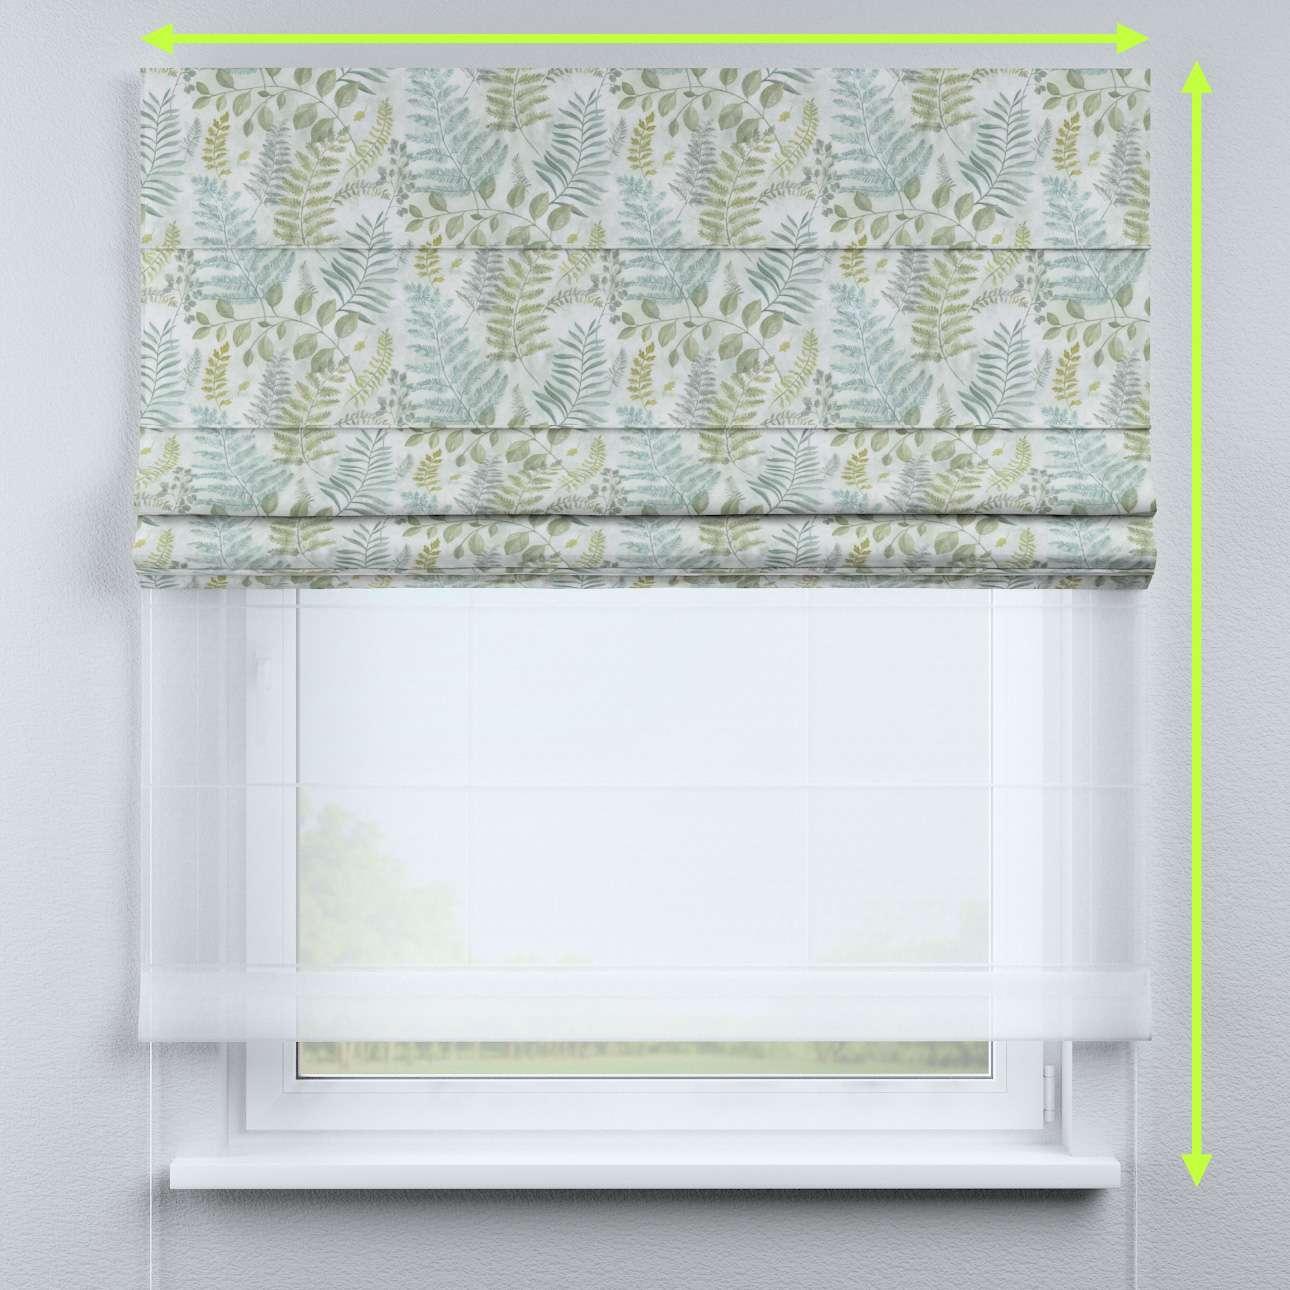 DUO Rímska roleta V kolekcii Pastel Forest, tkanina: 142-46